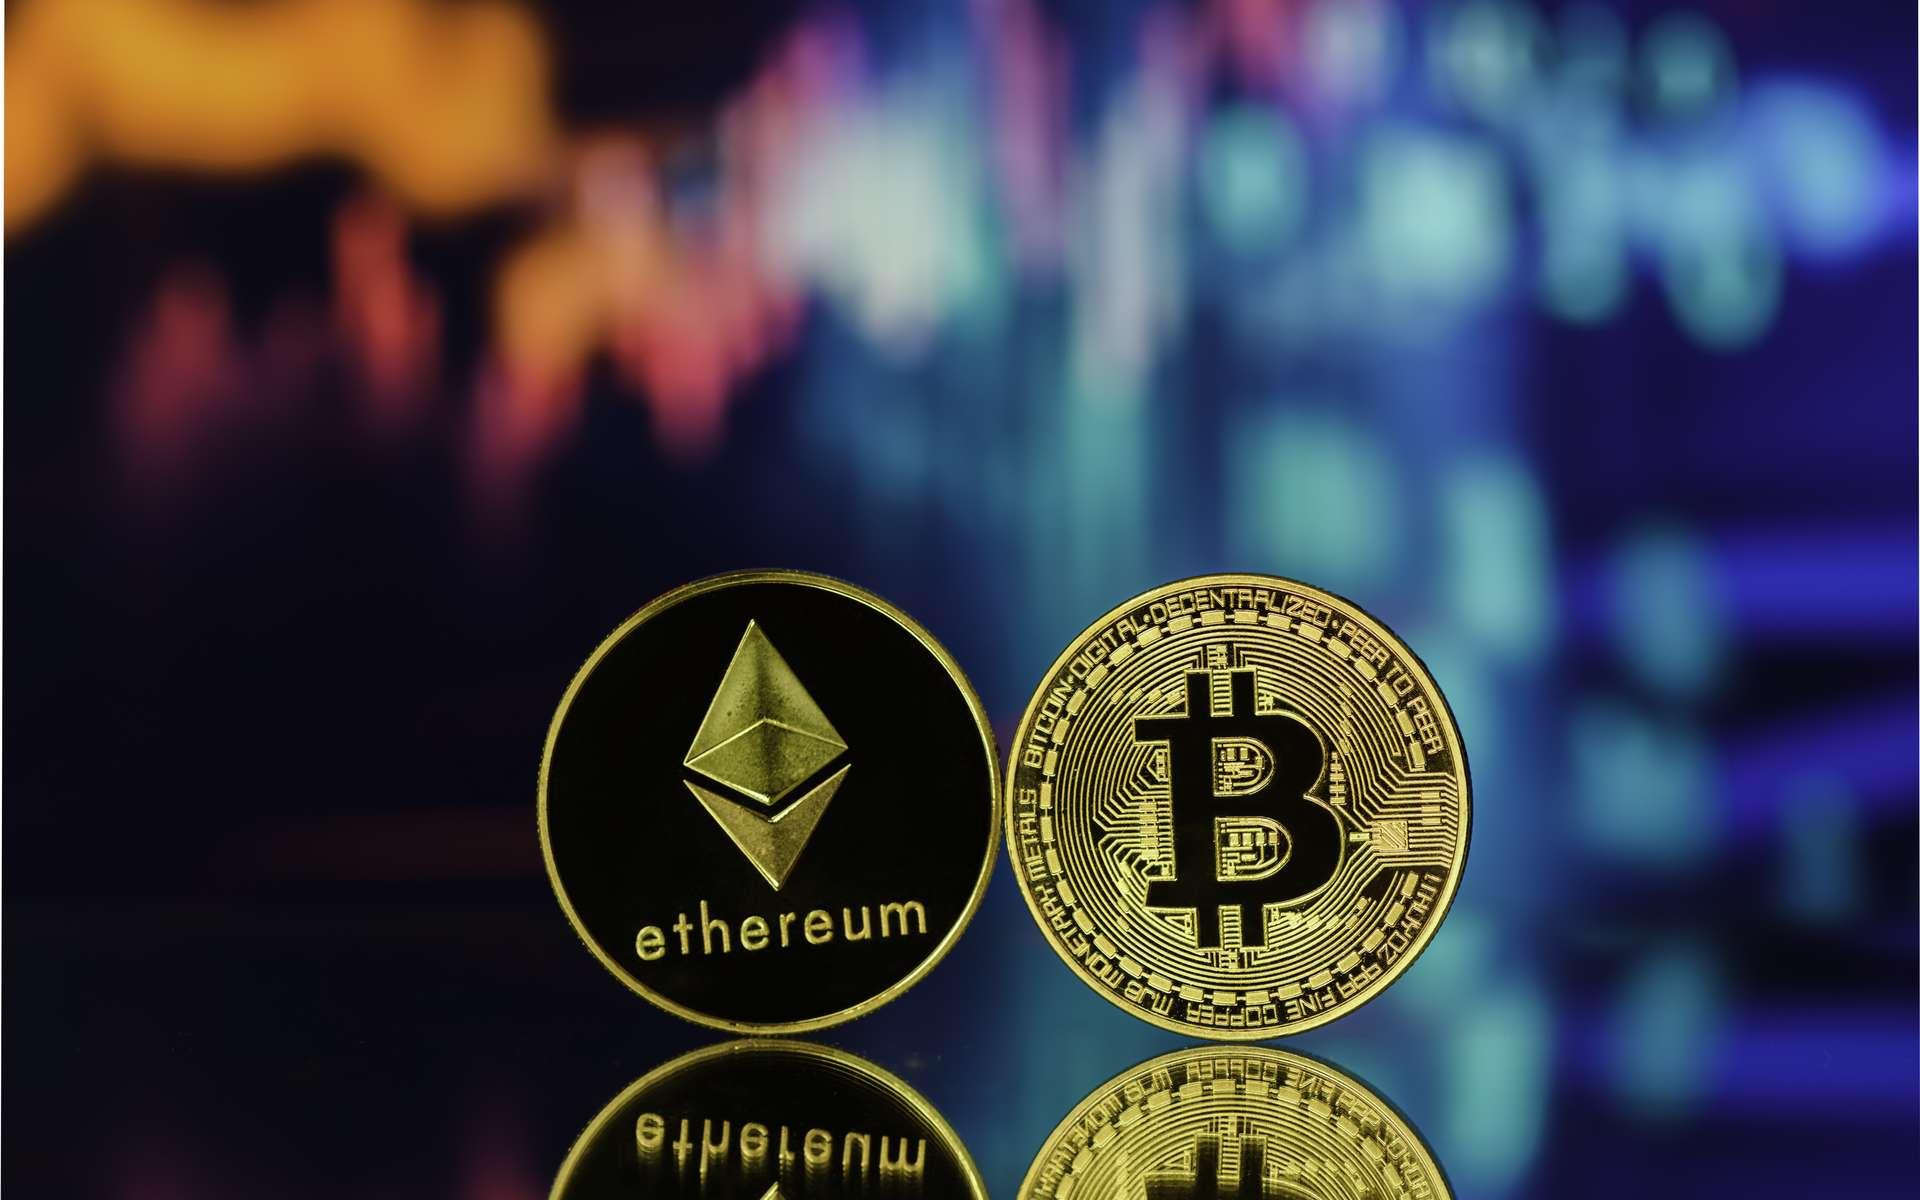 Le Bitcoin (BTC) est-il différent de l'Ethereum (ETH) ? © CLement, Adobe Stock